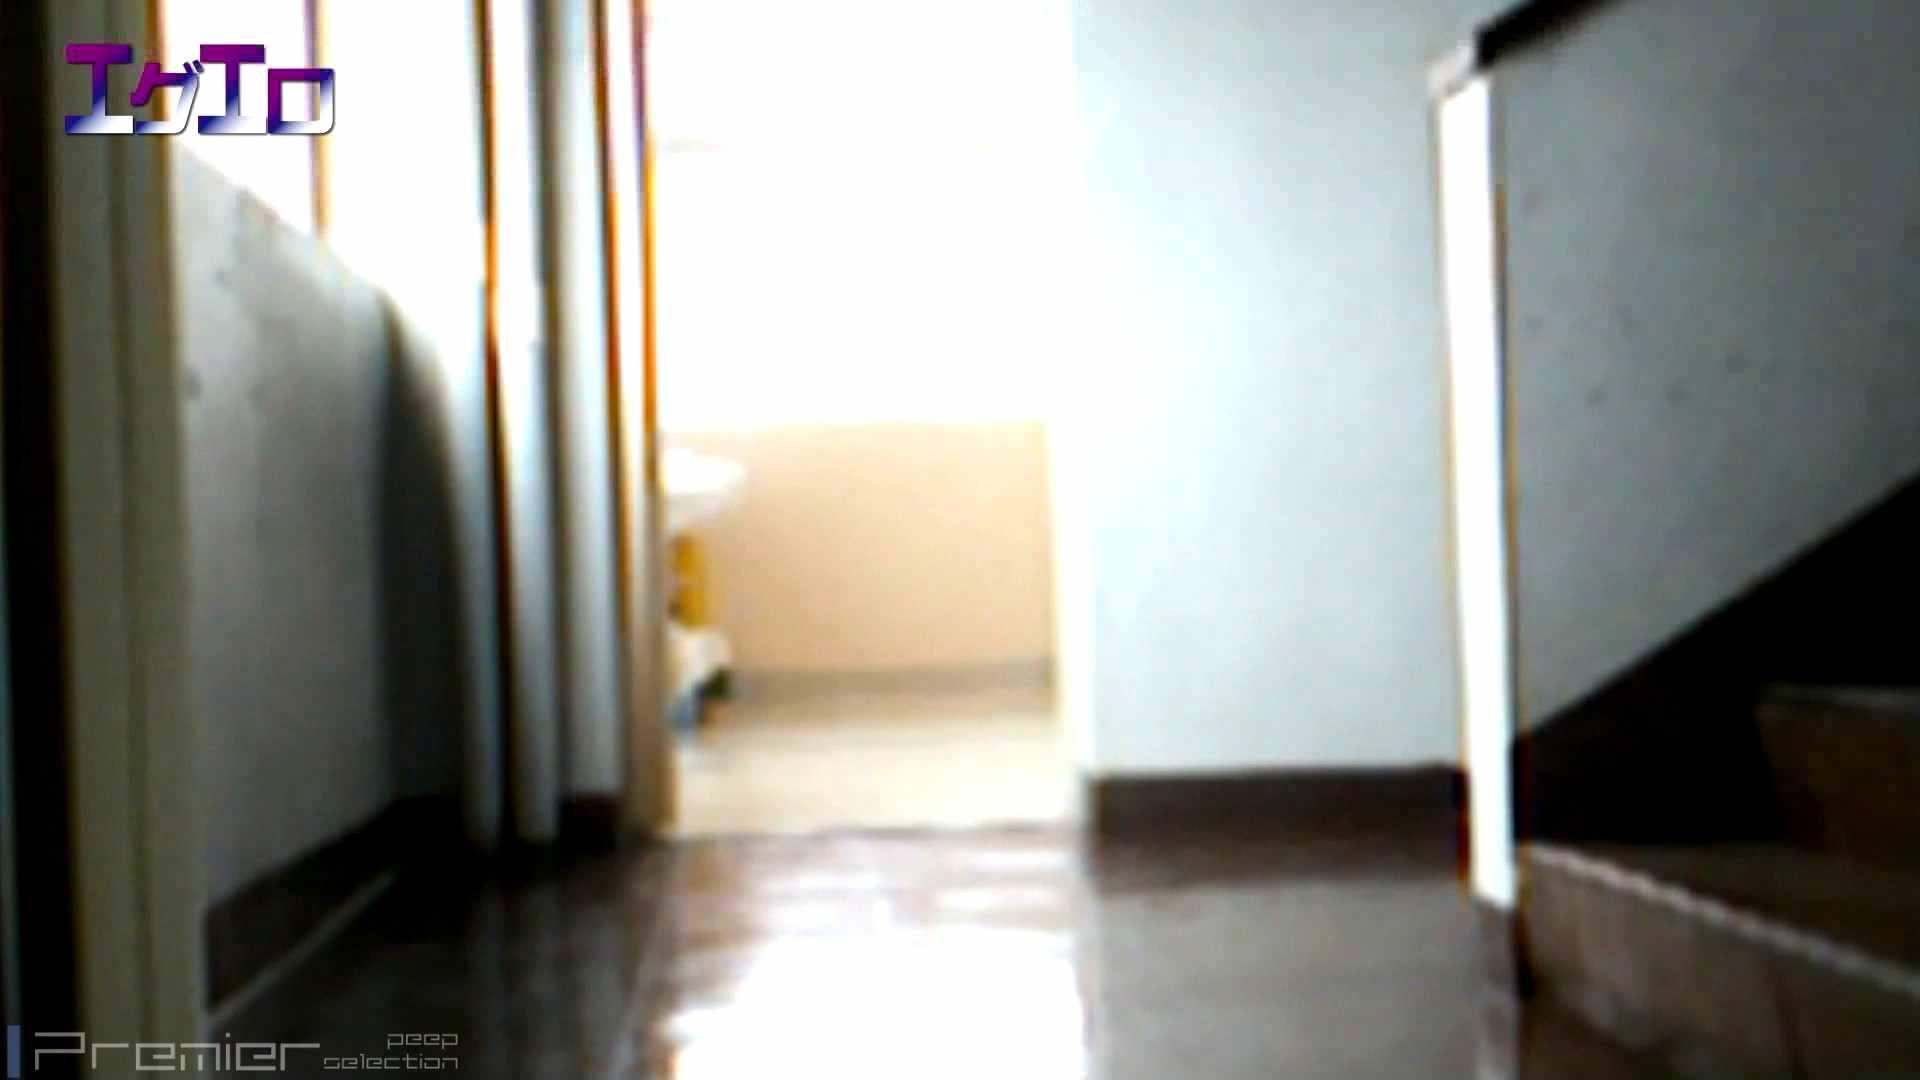 至近距離洗面所 Vol.10ブルージーンズギャルの大放nyo 萌えギャル オマンコ無修正動画無料 96連発 59